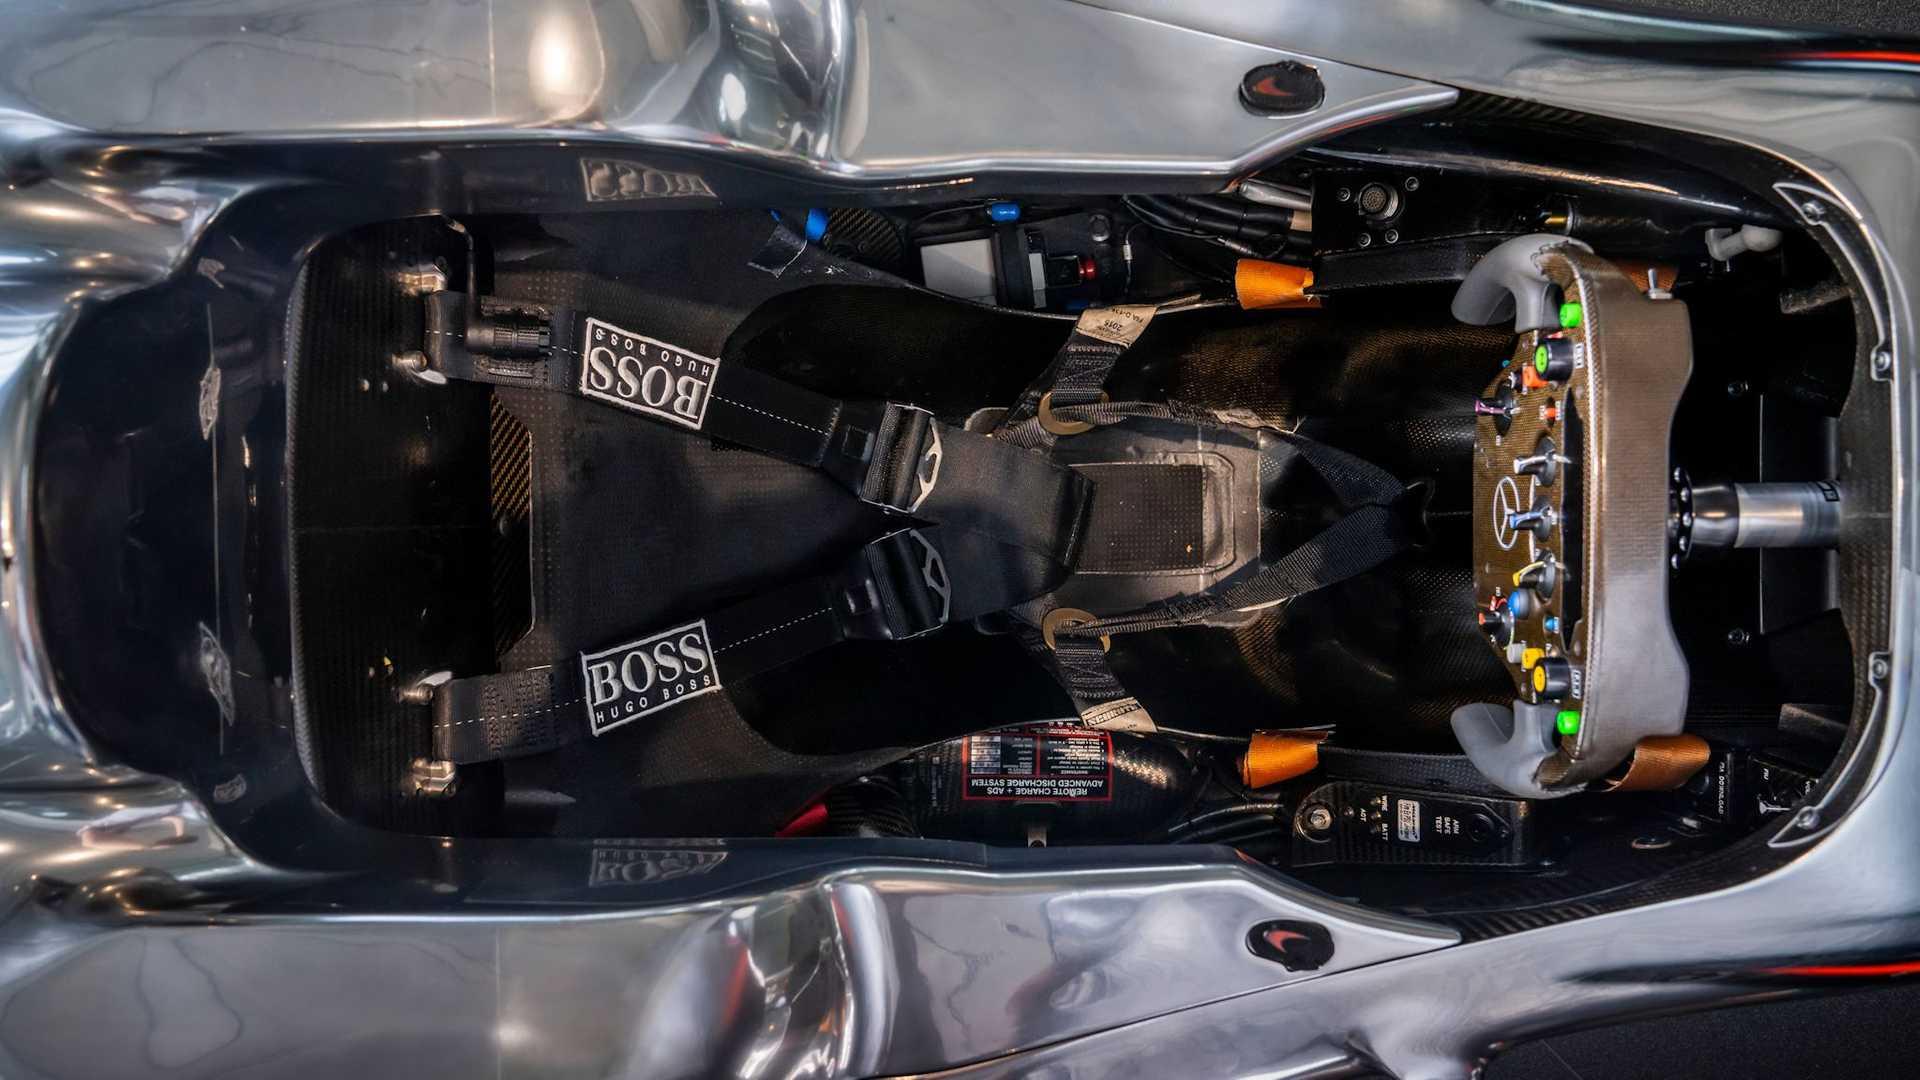 Lewis-Hamilton-McLaren-MP4-25A-auction-5